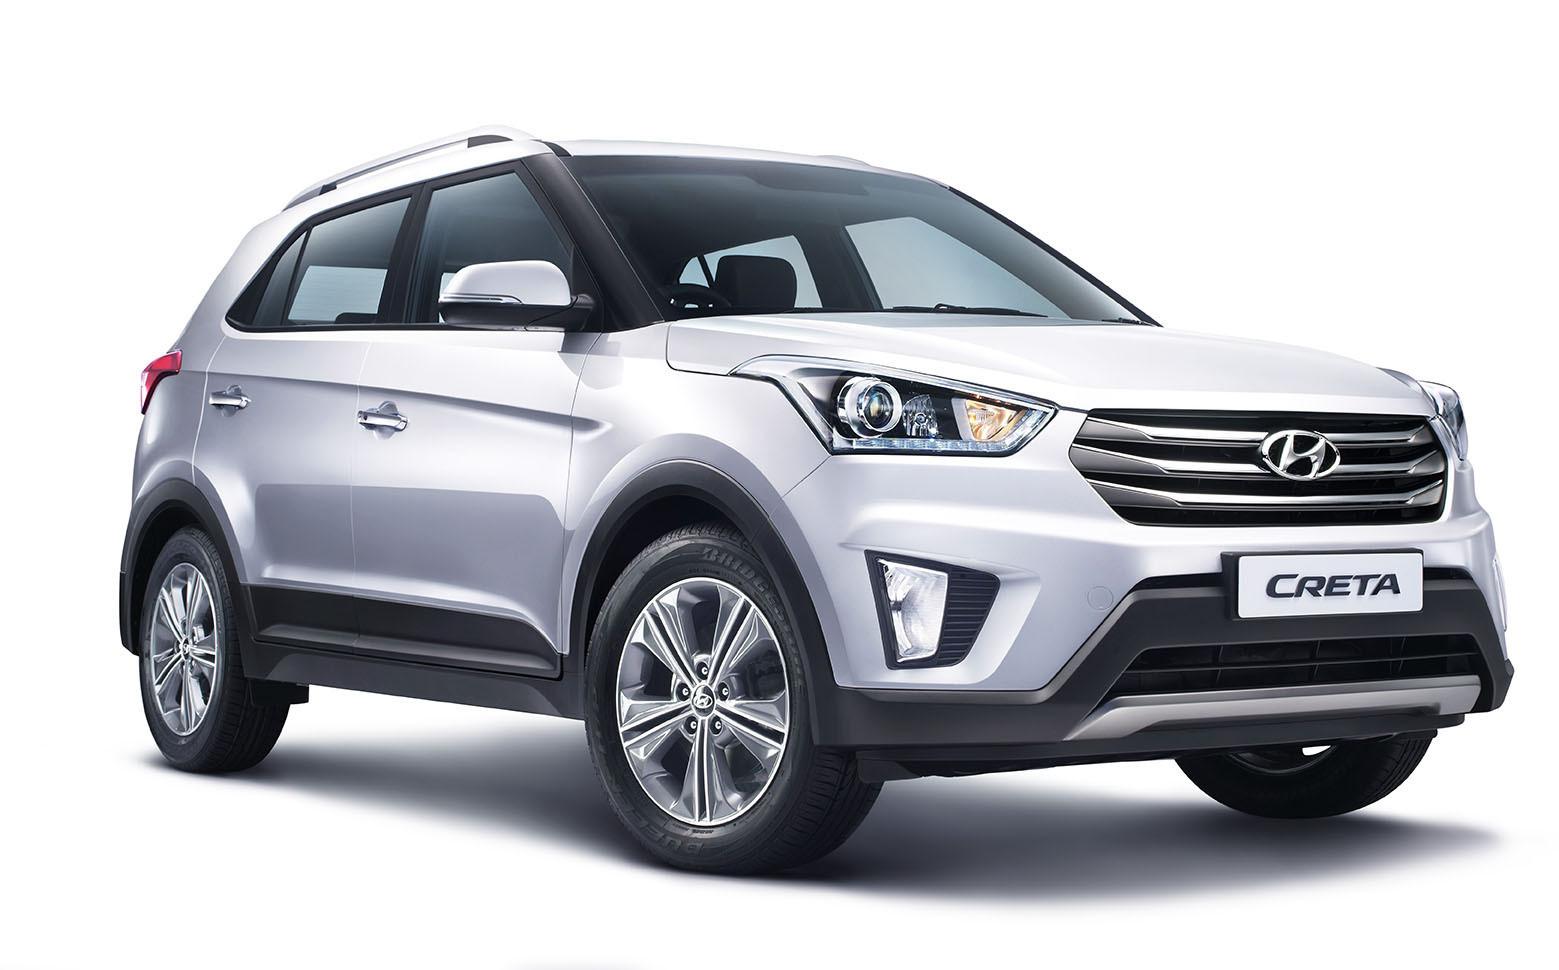 Hyundai готовится предложить россиянам новую модель